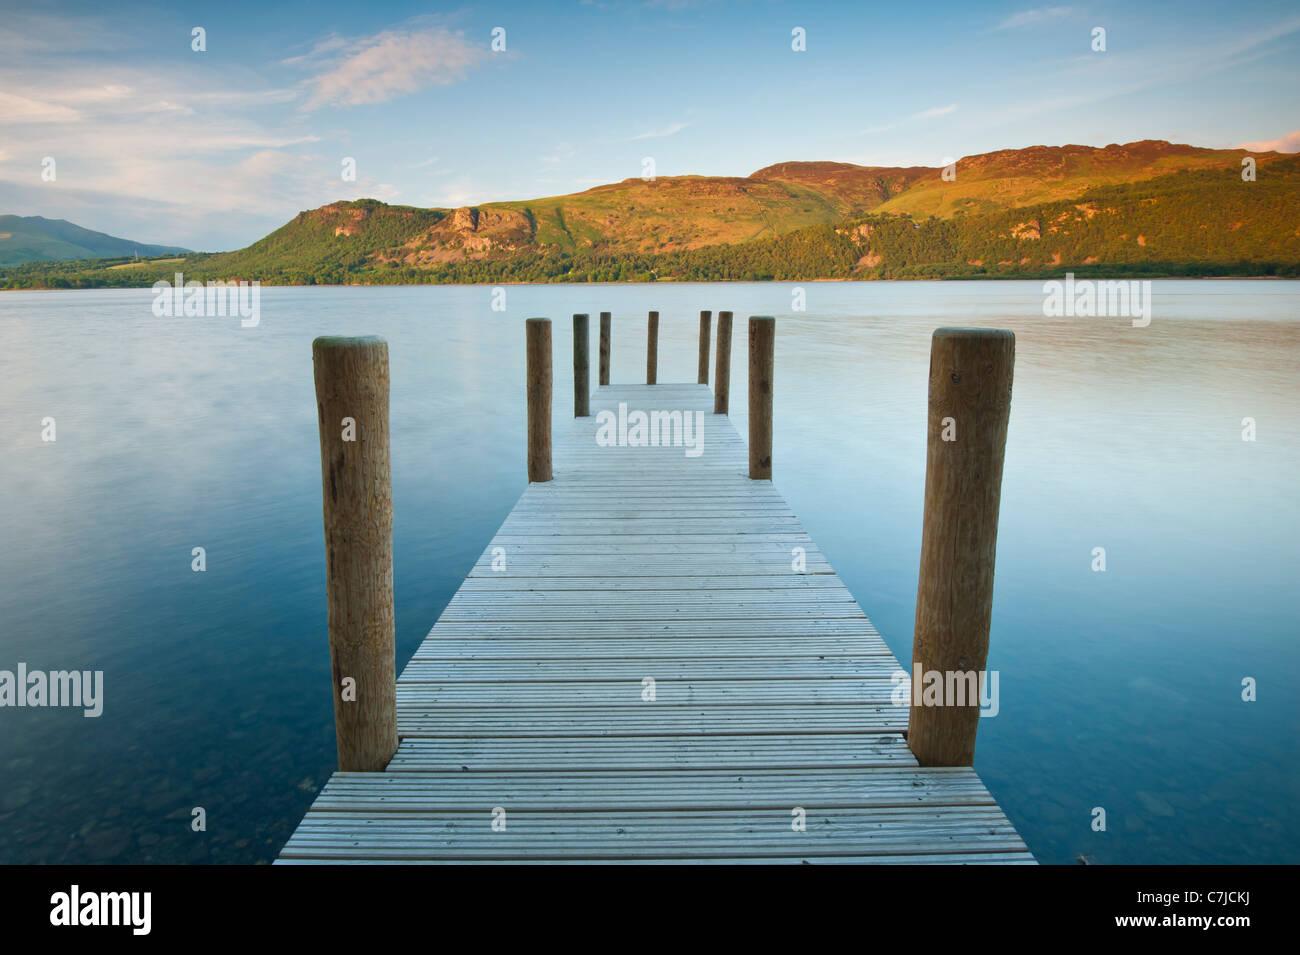 Pontile a Brandelhow Bay, Lake District, Cumbria, Regno Unito Immagini Stock